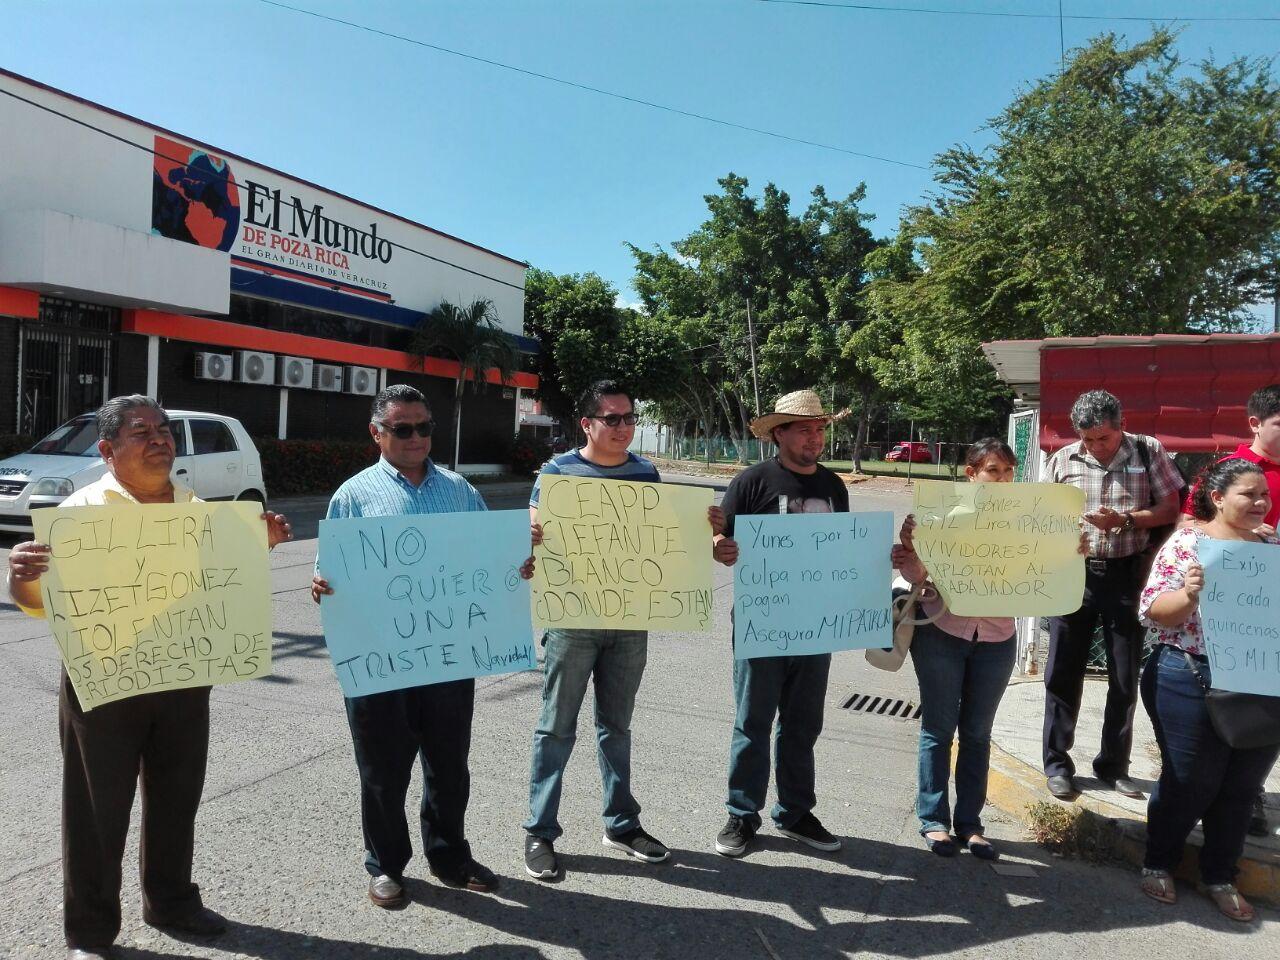 Extrabajadores reclaman salarios y prestaciones a 'El Mundo de Poza Rica'